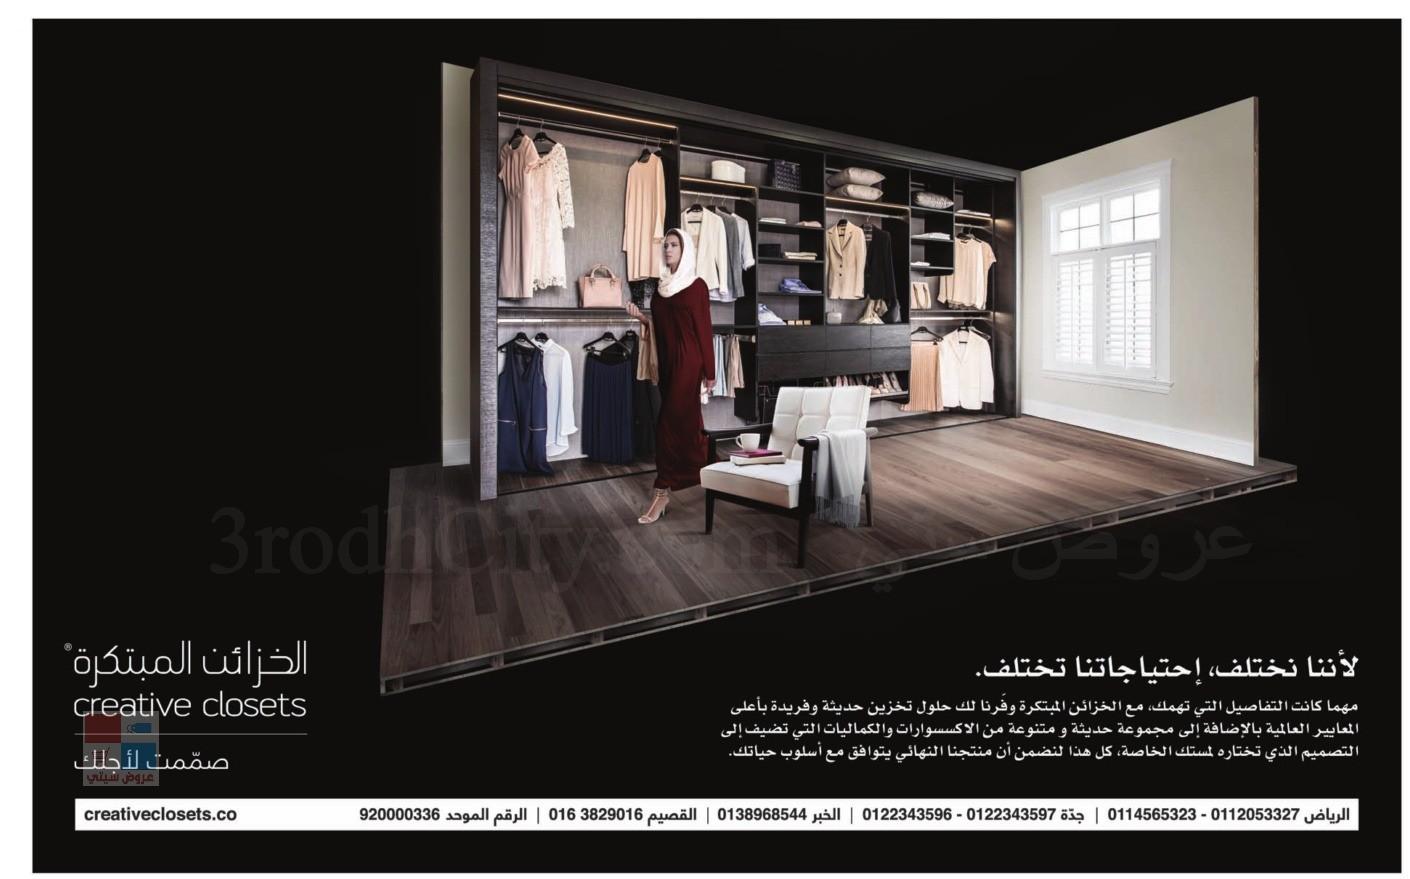 الخزائن المبتكرة في الرياض جدة الخبر المدينة عروض creative closets hdz9d9.jpg